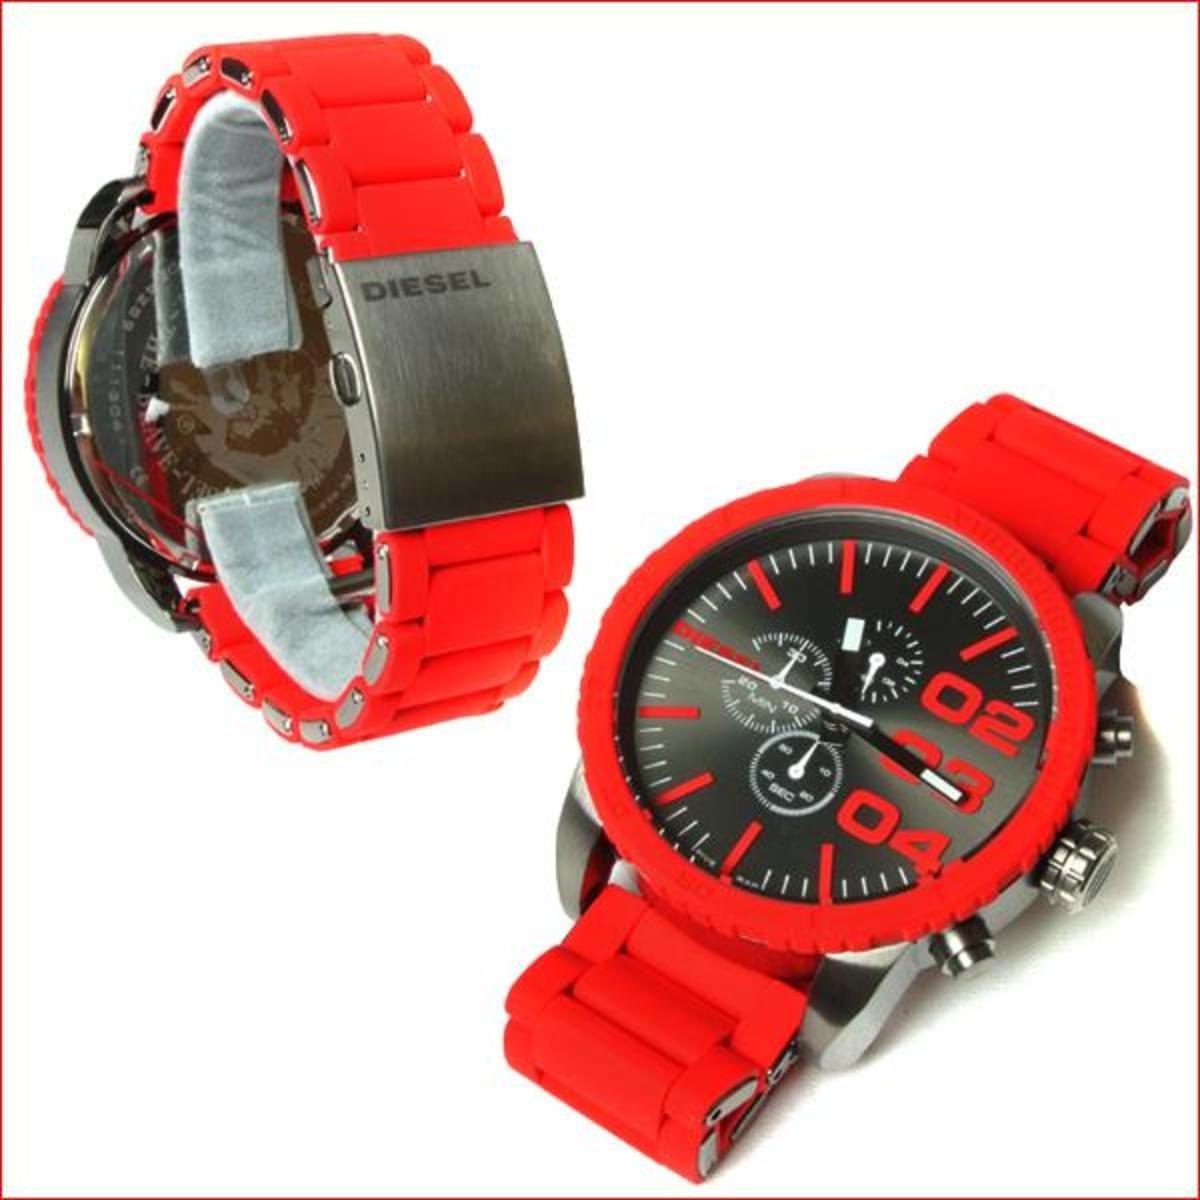 63a29dca6b8e Reloj Diesel - Hombre Modelo Dz4289 -   159.900 en Mercado Libre